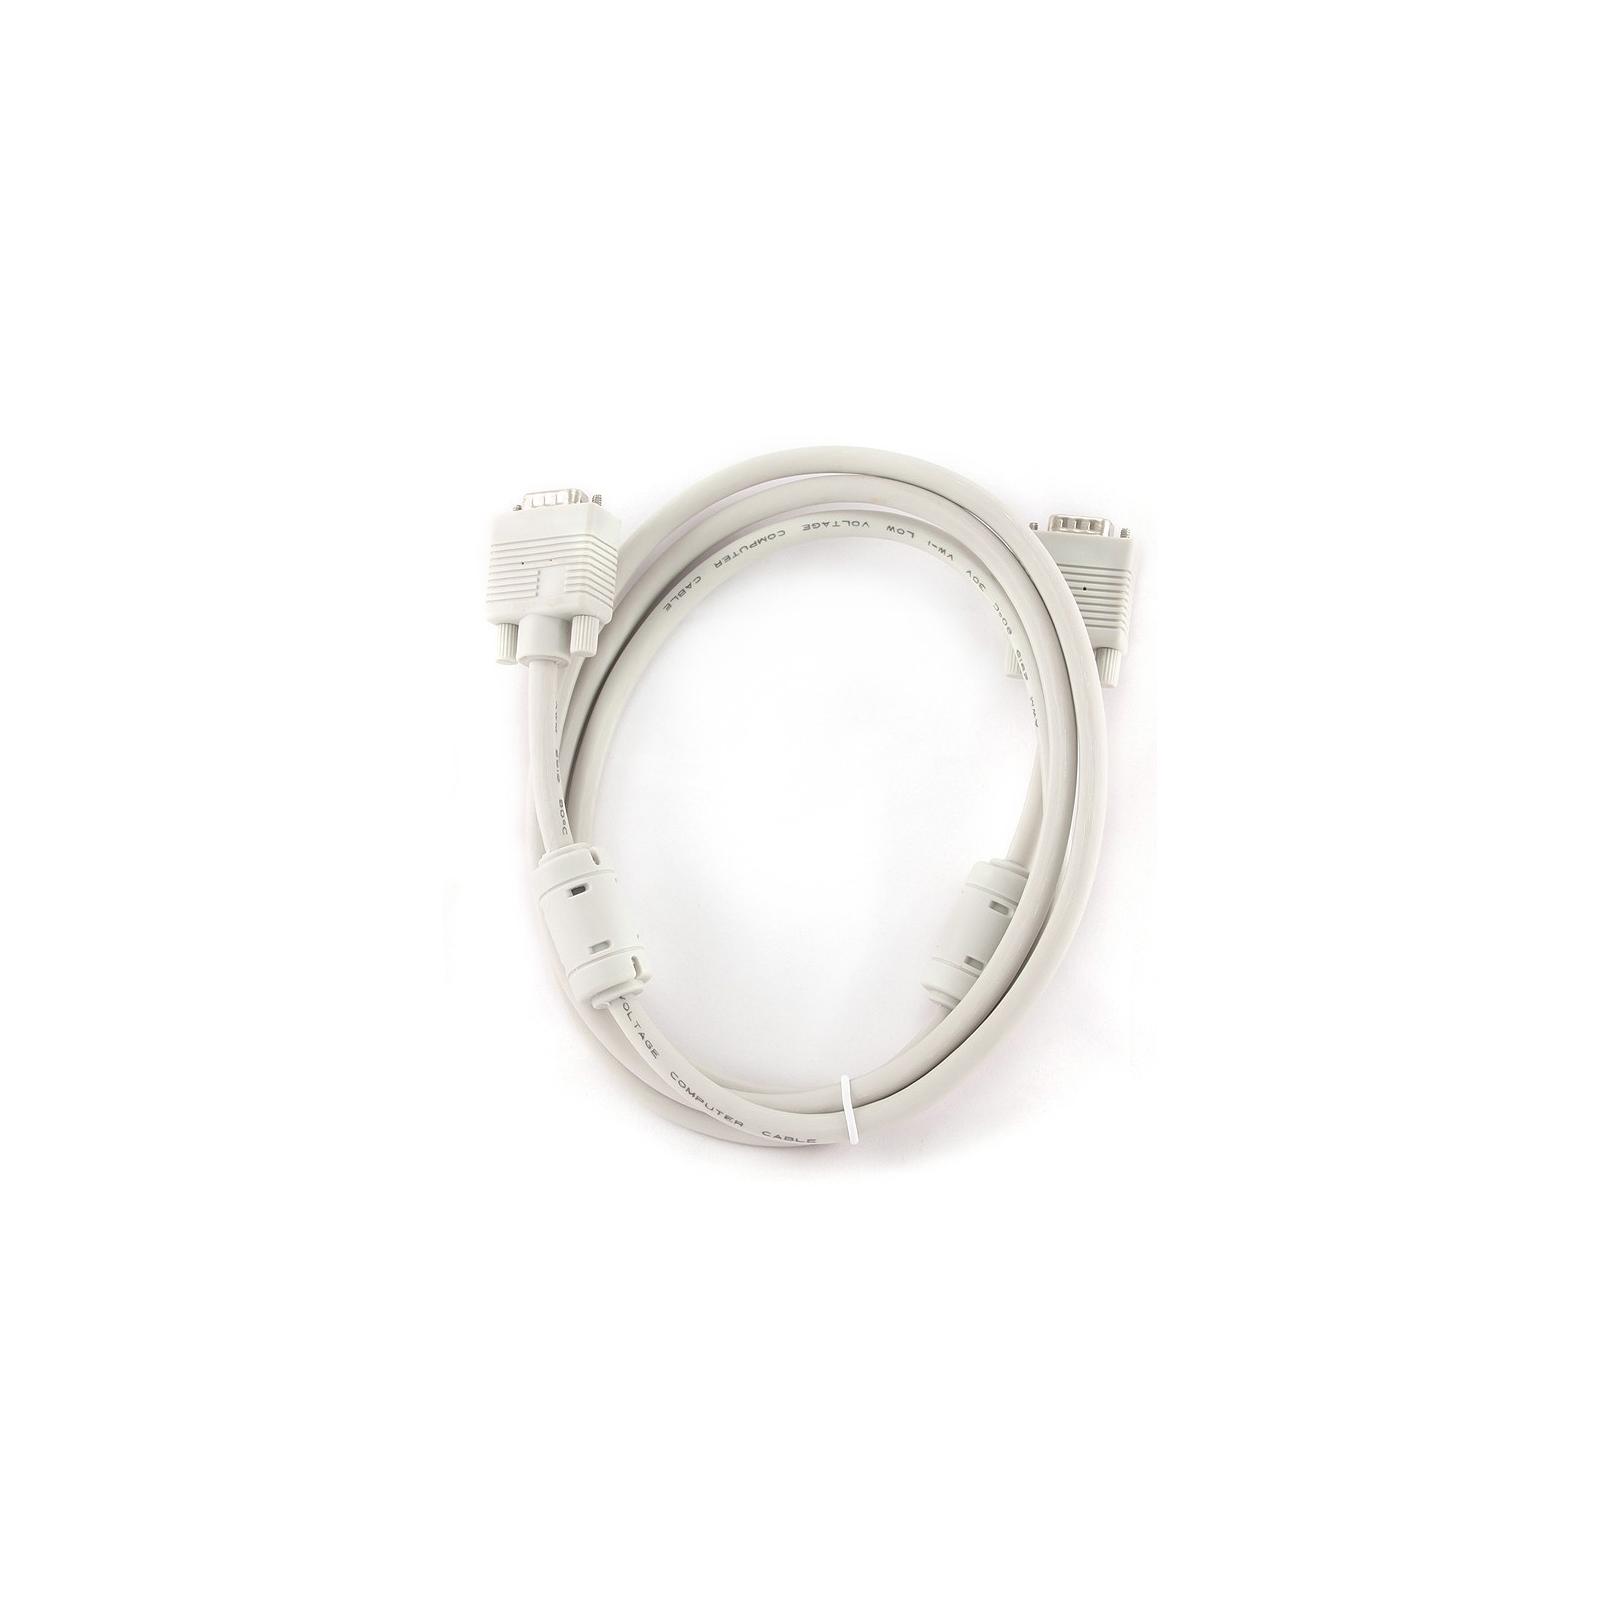 Кабель мультимедийный VGA 1.8m Cablexpert (CC-PPVGA-6)